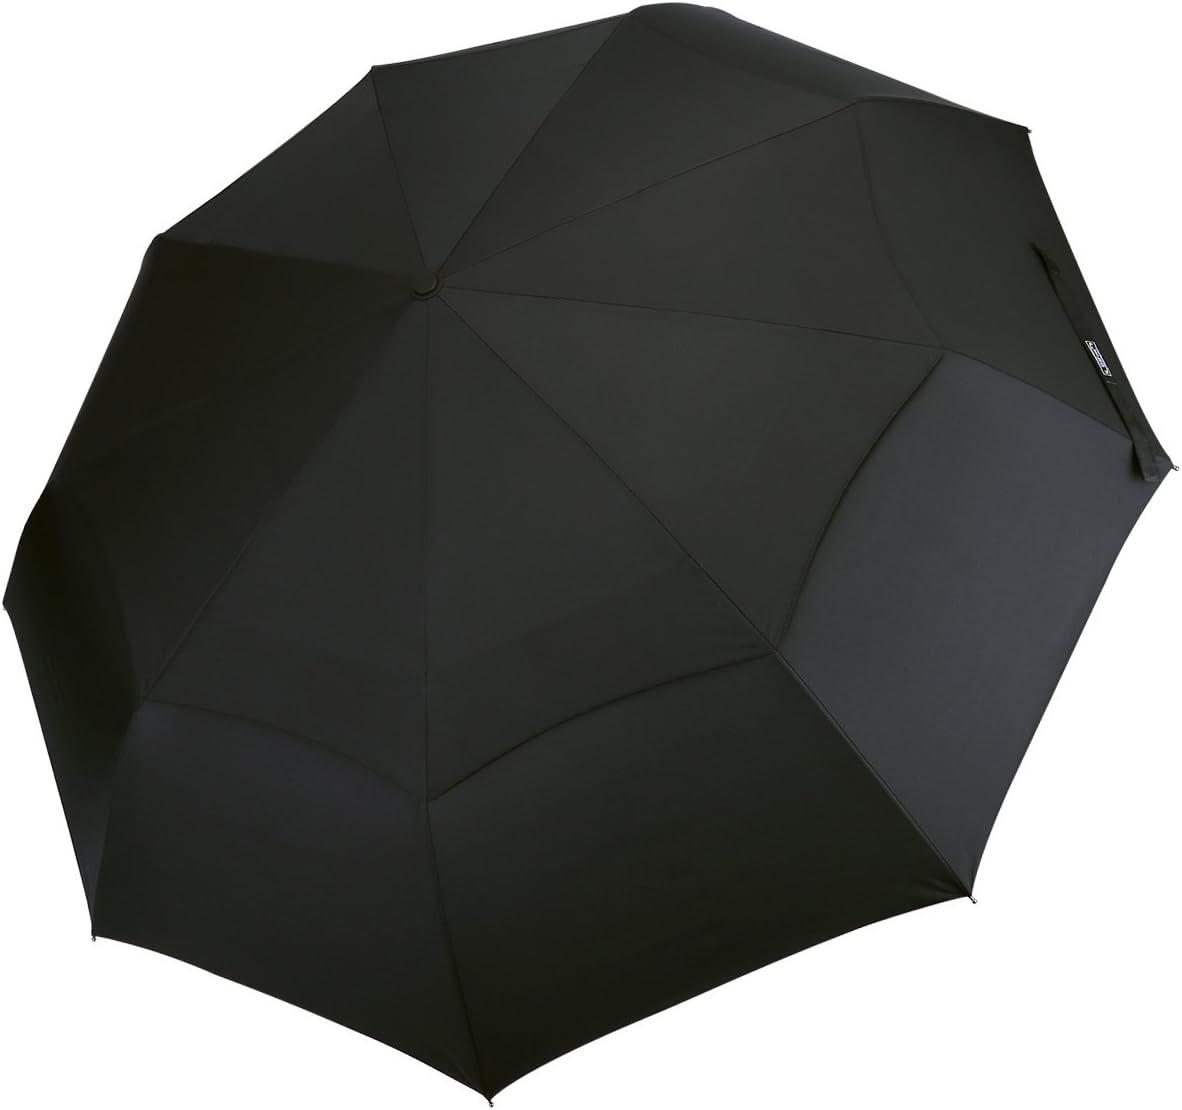 Une canop/ée de 42 inch 210T Tissu Parapluies de voyage et Sorties en plein air Ouverture et Fermeture Automatique Compact et Pliable G4Free Parapluie Pliant Coupe-vent